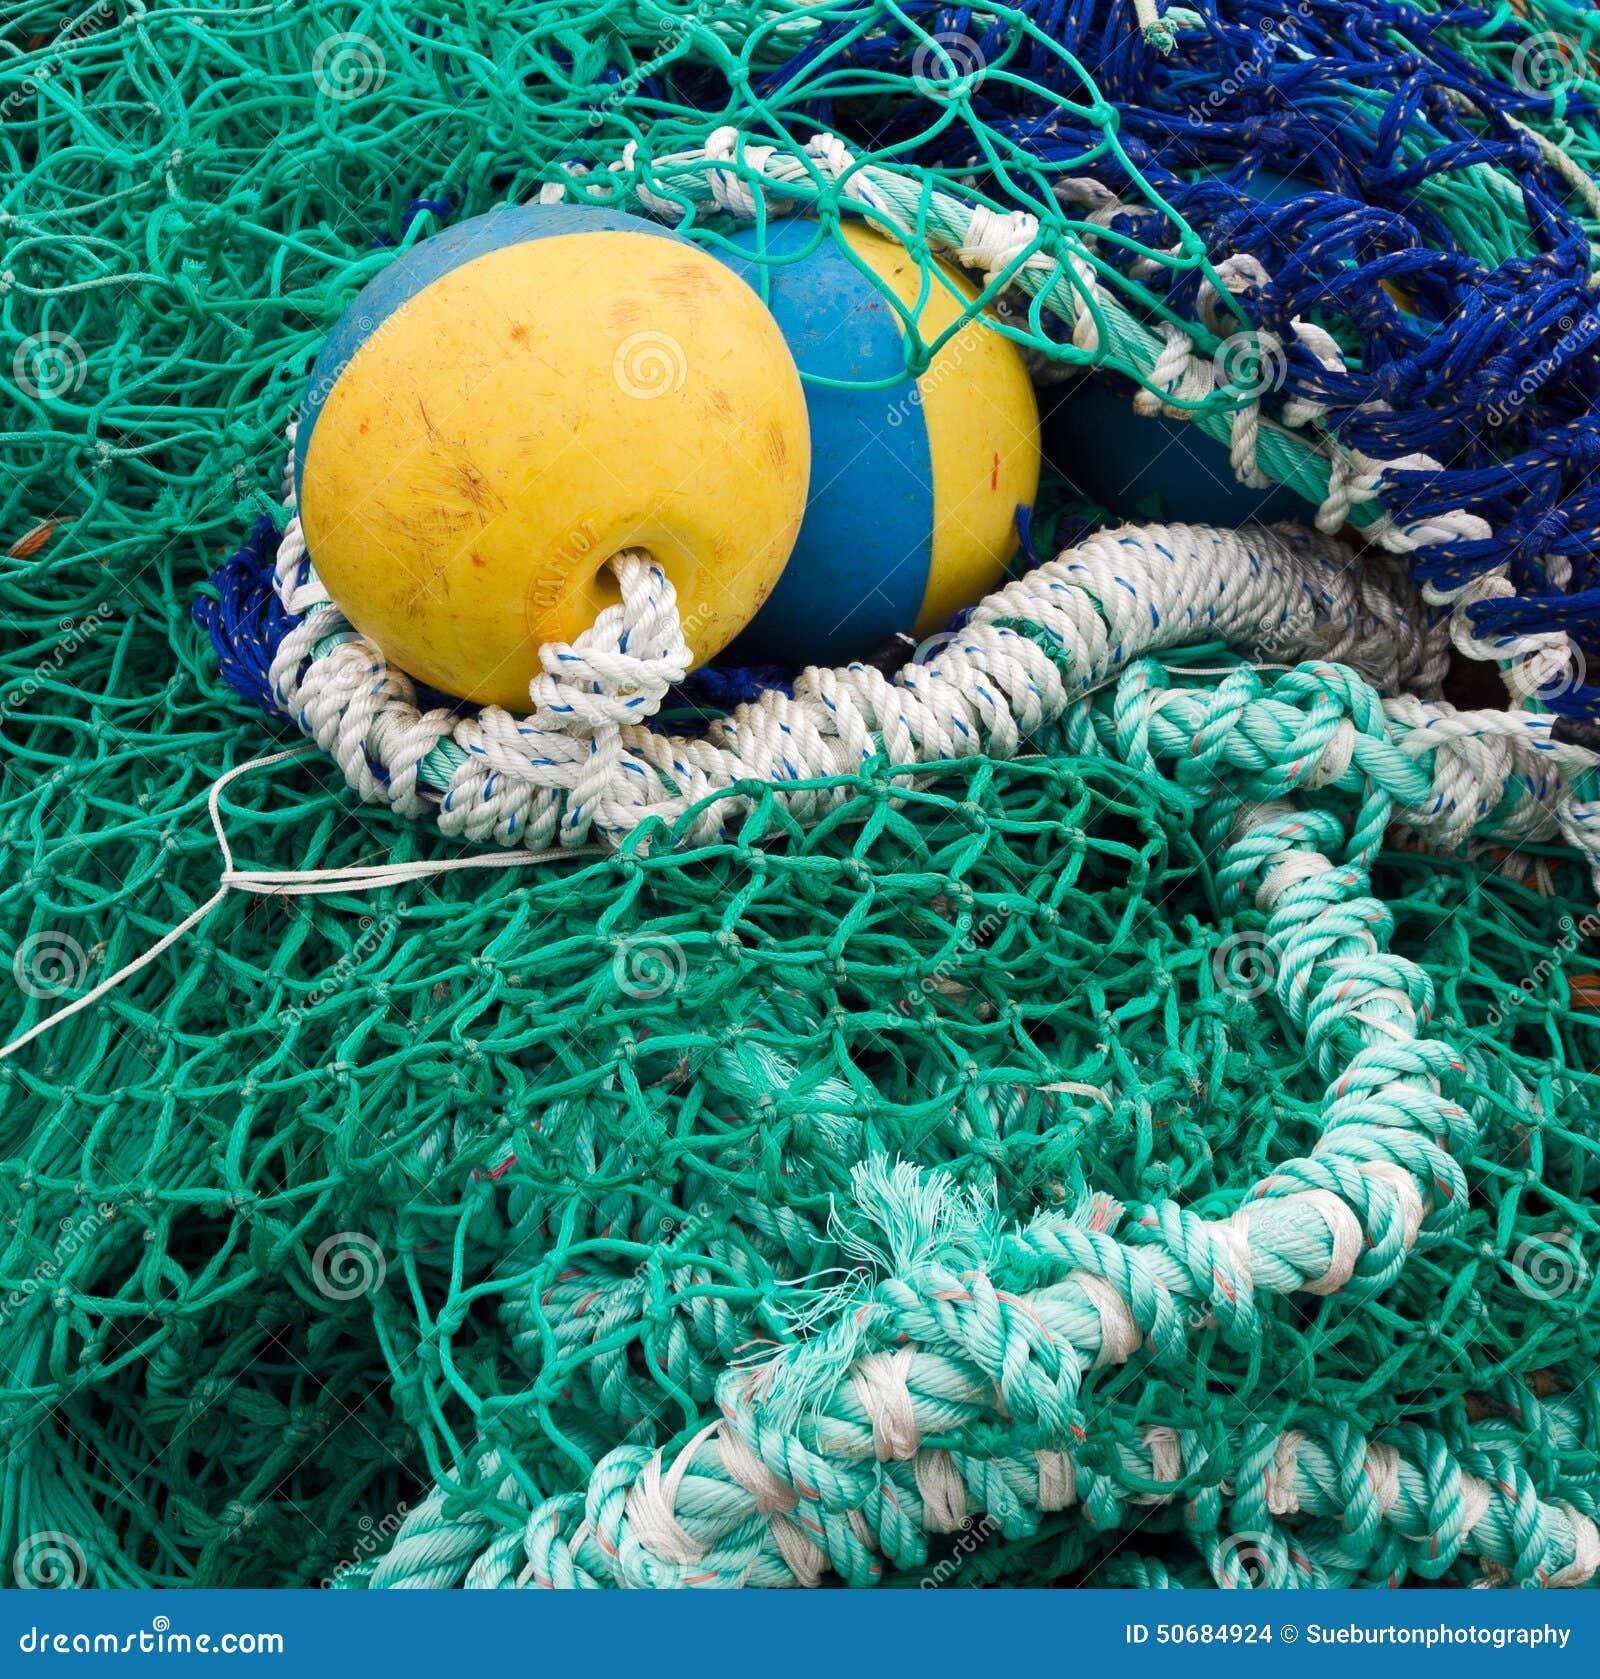 Download 捕鱼网 库存照片. 图片 包括有 村庄, 绳索, 捕鱼, 浮动, 苏格兰, 海湾, 净额 - 50684924